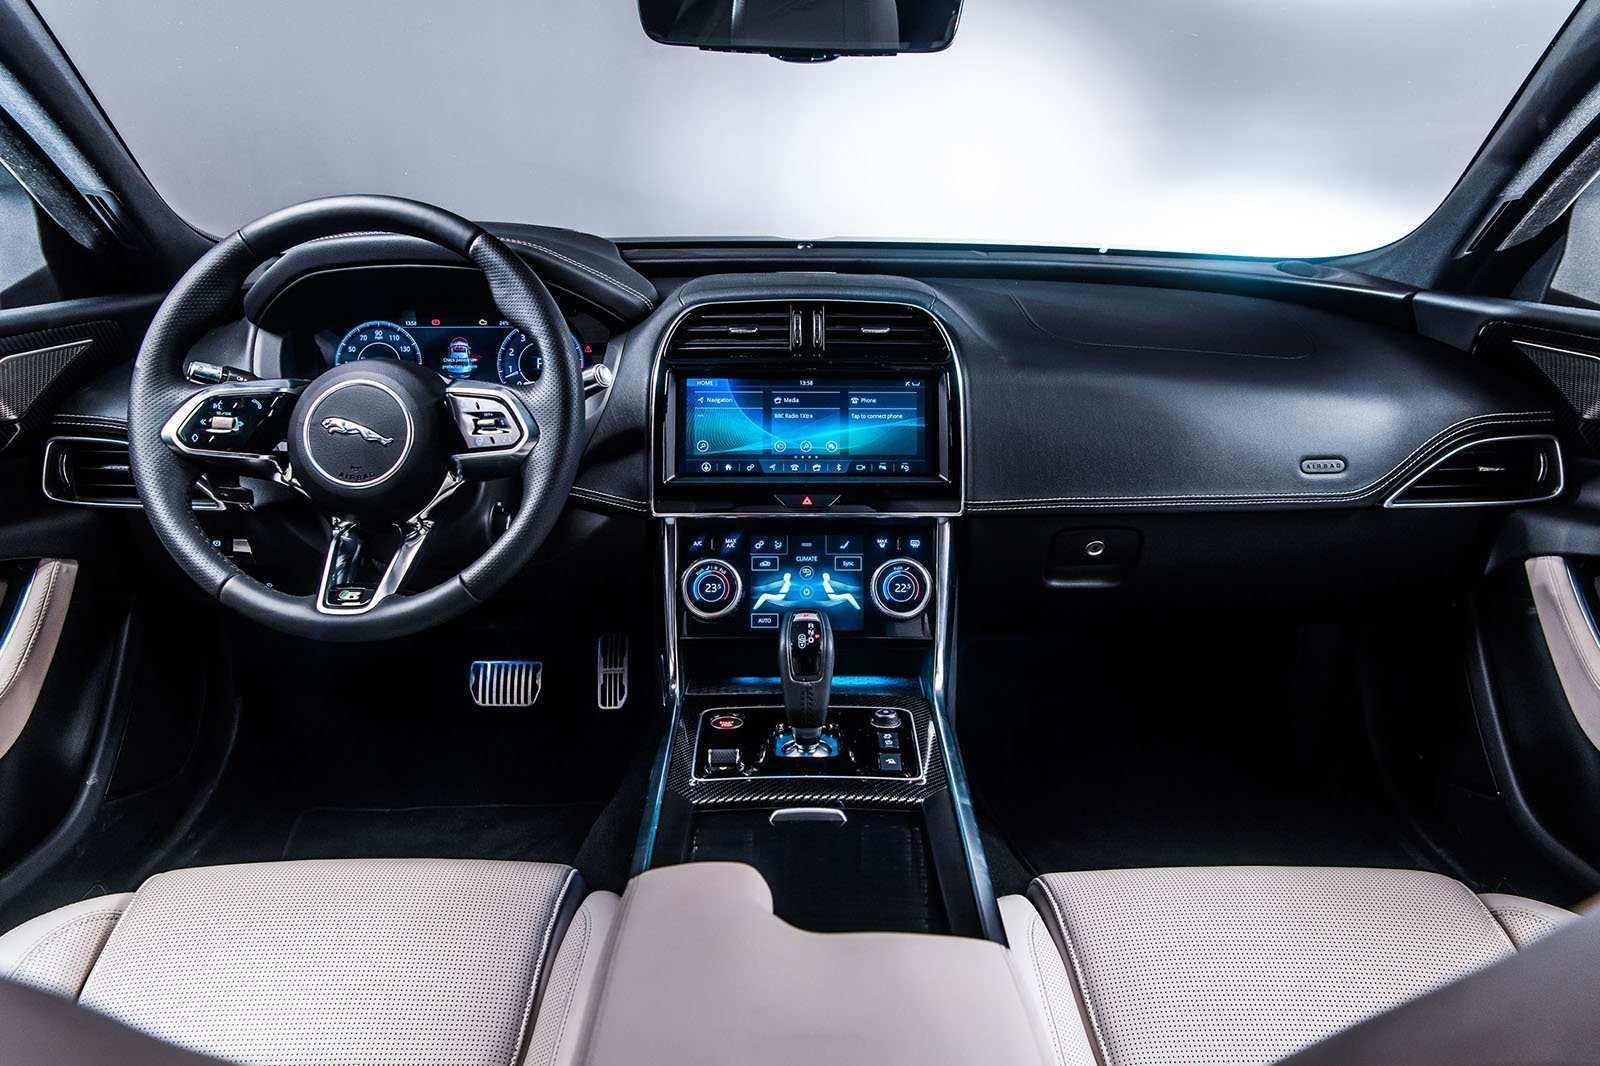 31 New Jaguar Xe 2019 Interior History for Jaguar Xe 2019 Interior